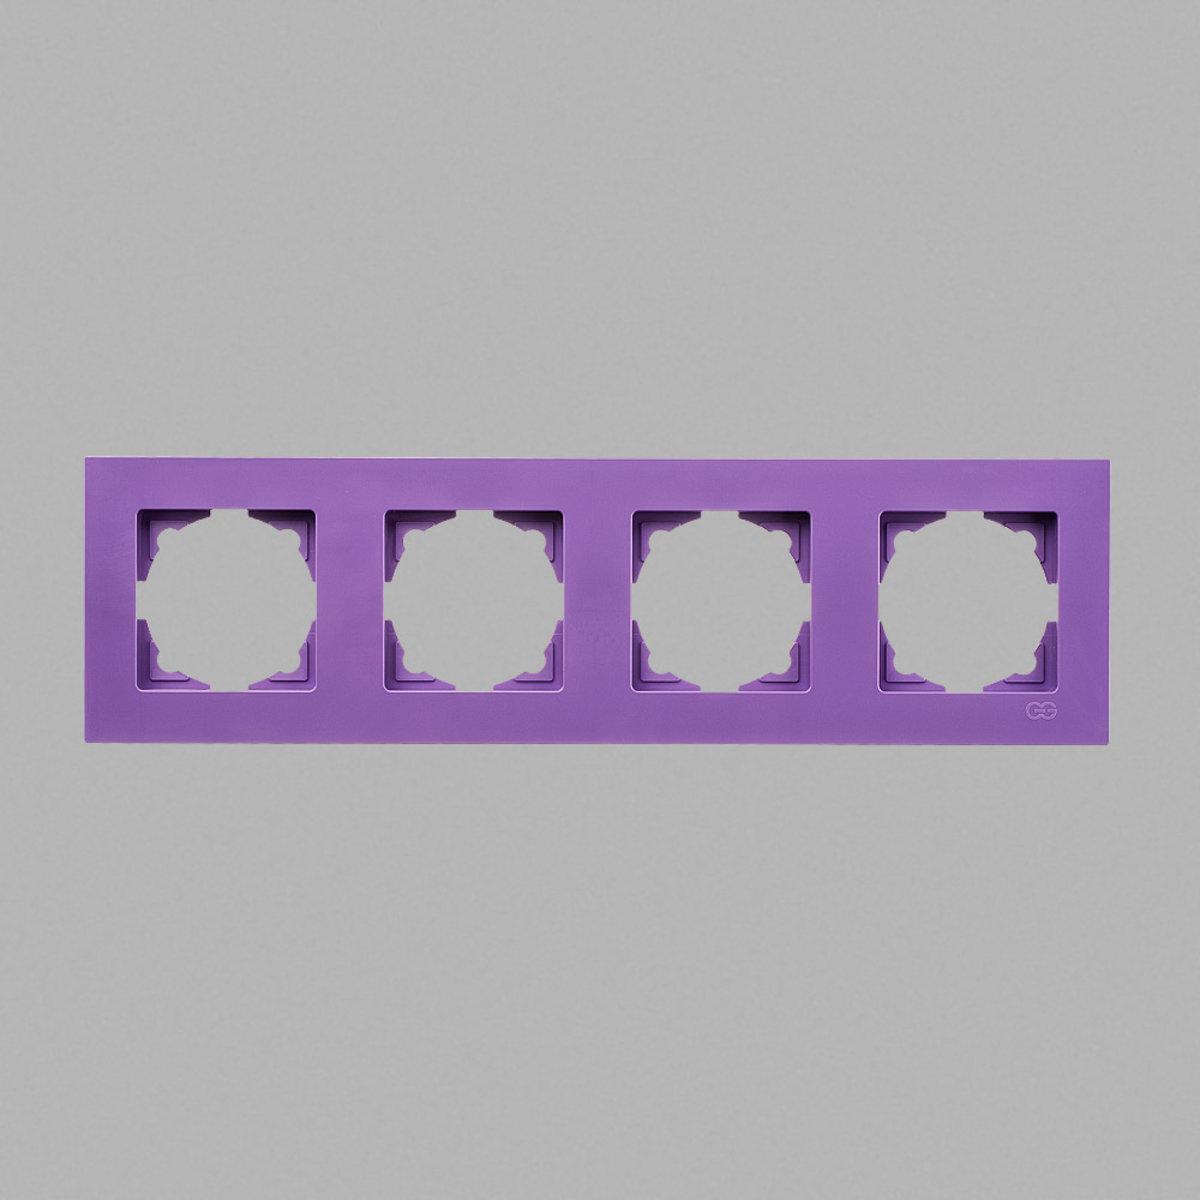 Eqona рамка 4-ая лиловая